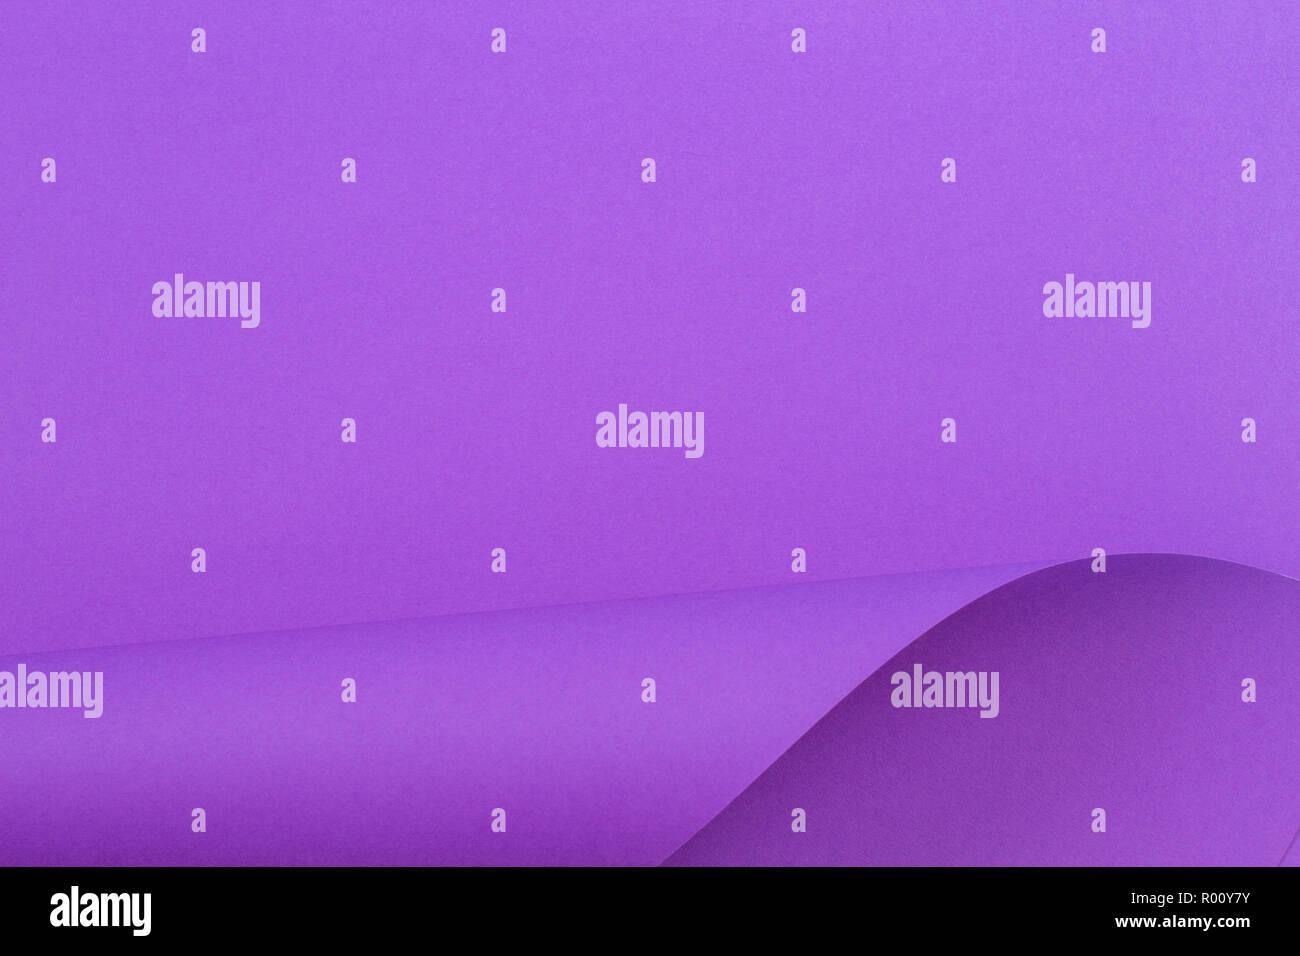 Abstrakte farbenfrohe Hintergrund. Violett lila Farbe Papier in geometrischen Formen Stockbild